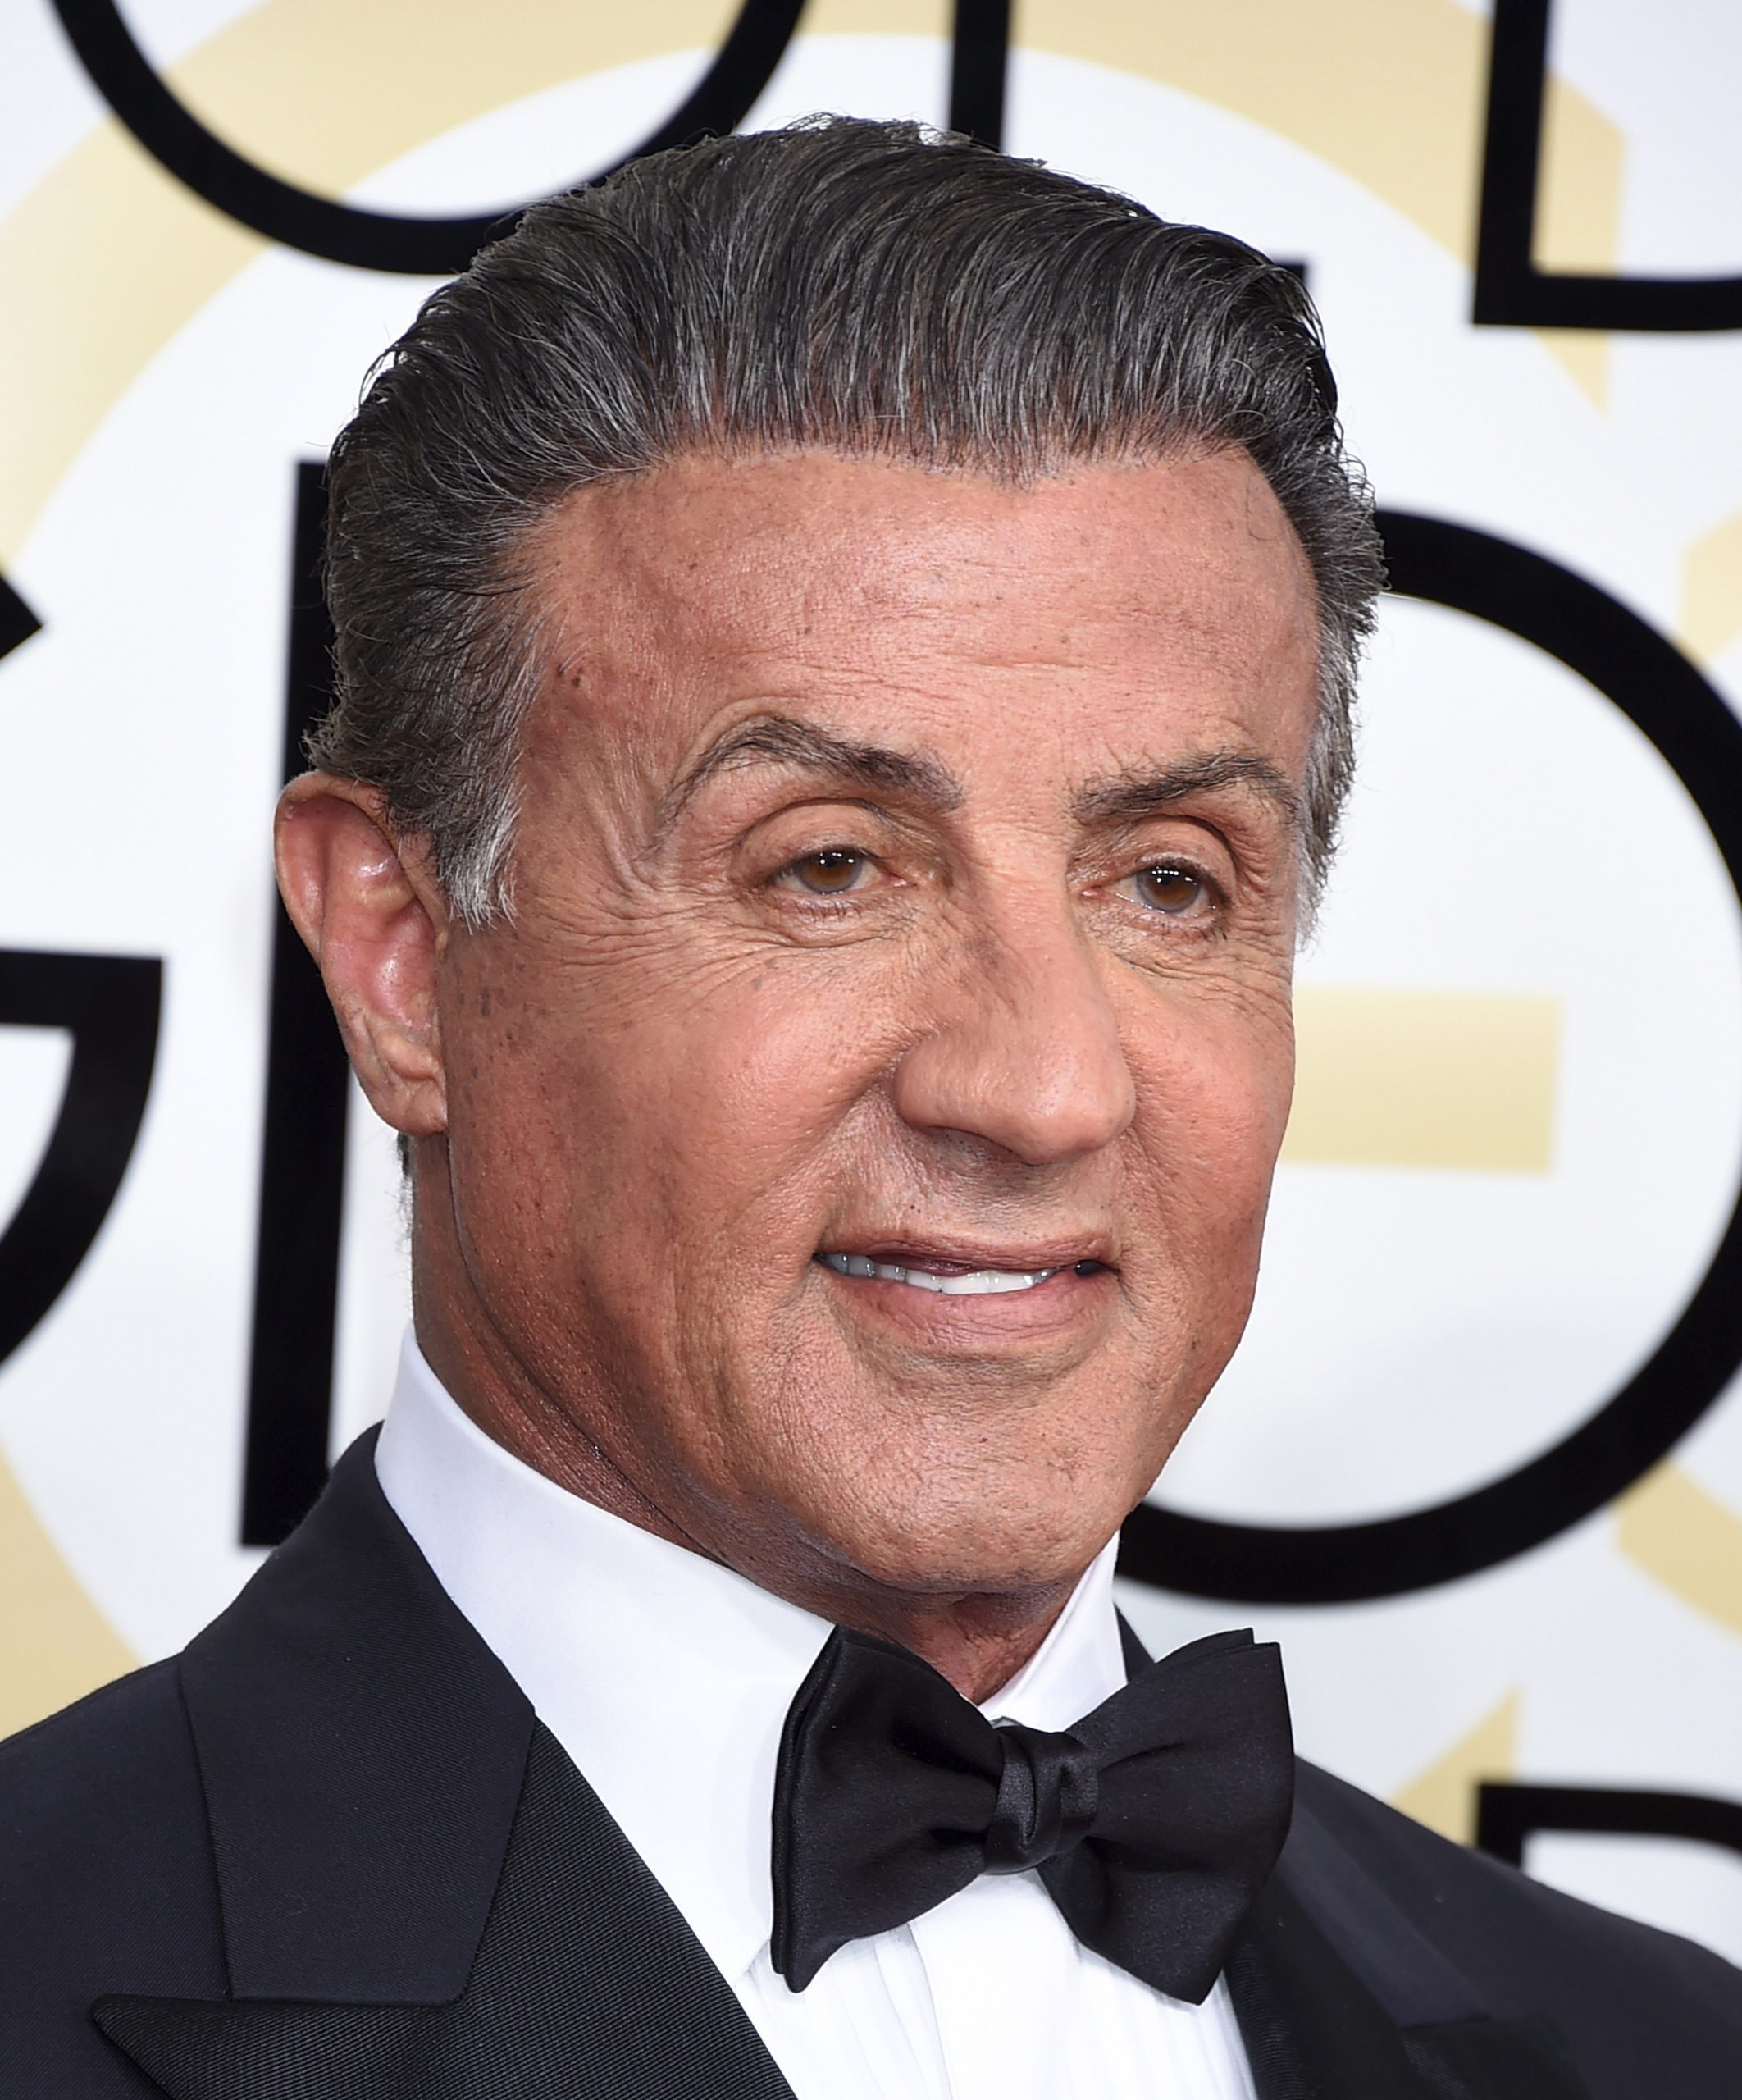 75 éves lett Sylvester Stallone: 5 érdekesség a sármőrről